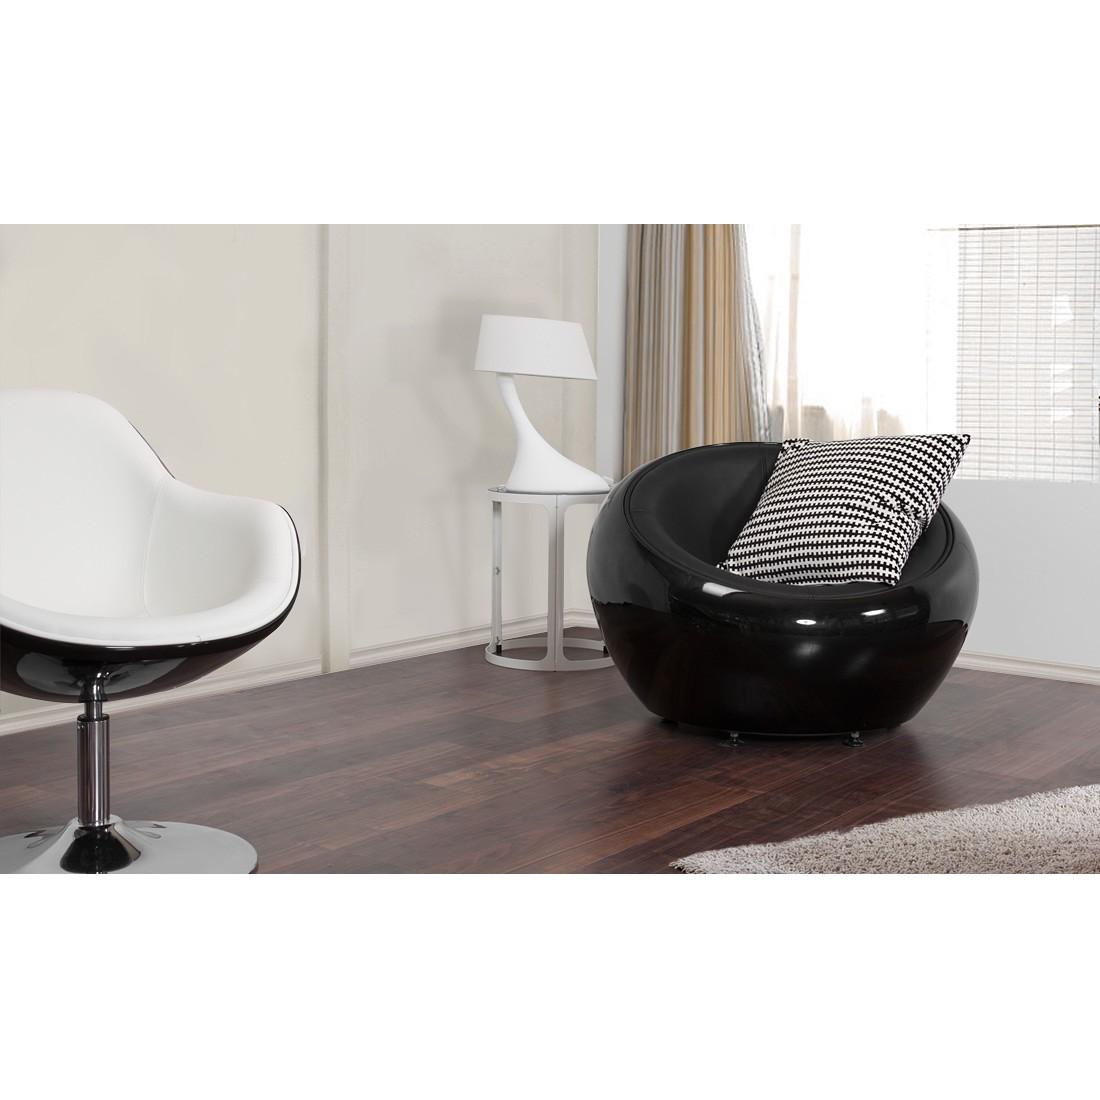 Lounge sessel  Sessel Cartago Kunstleder | Home24